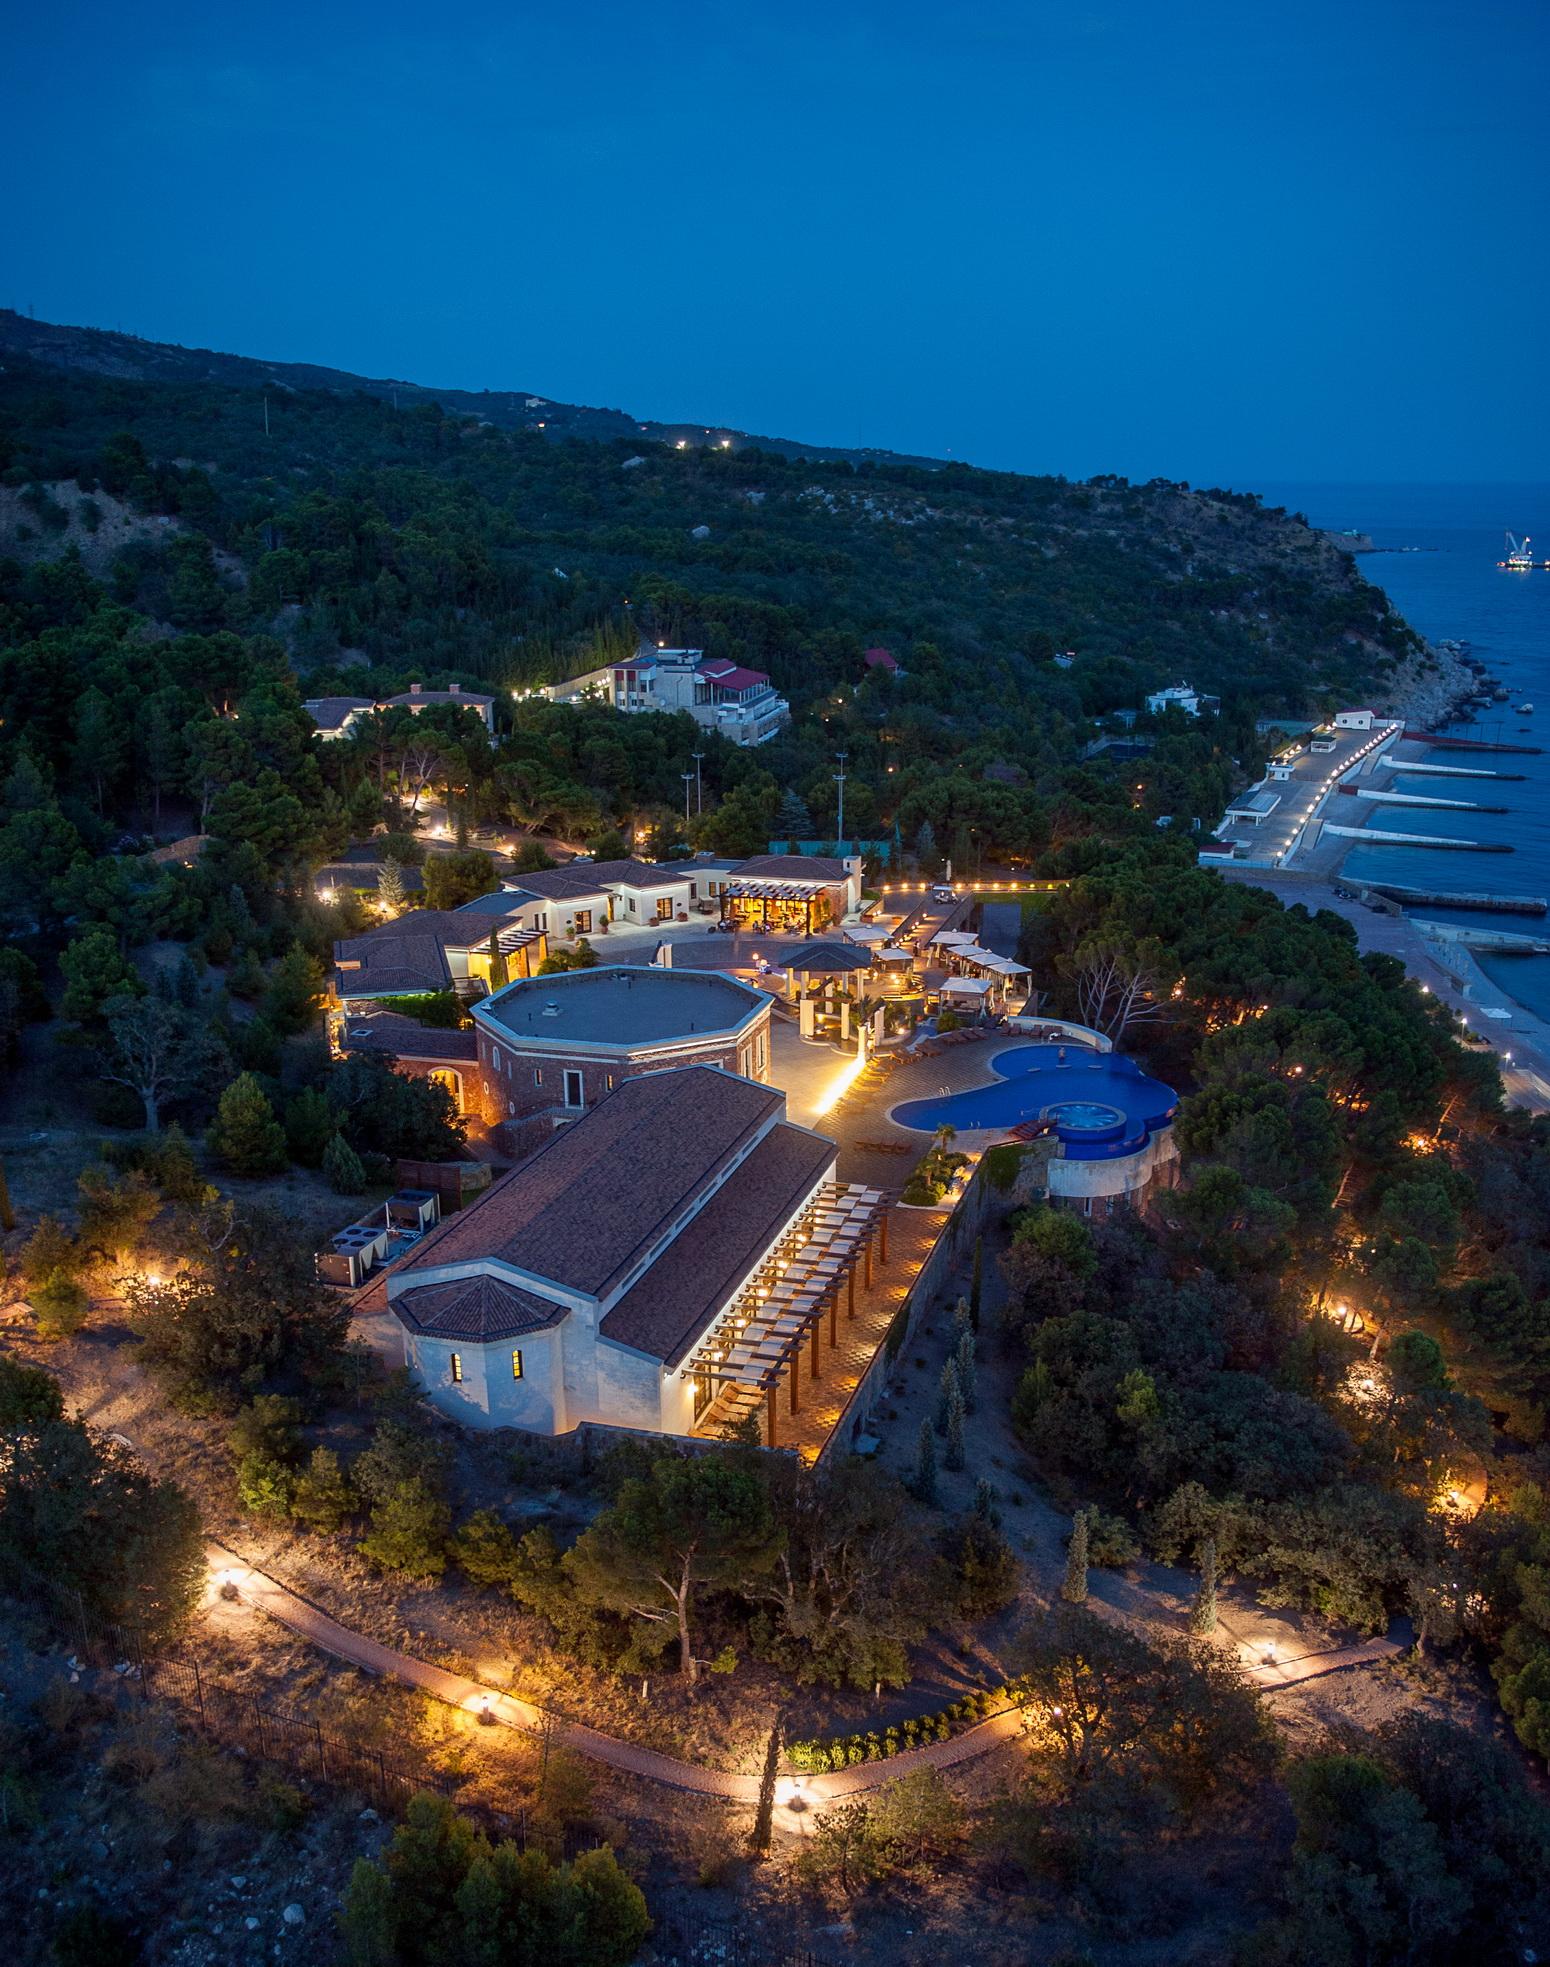 ялта гостиница крымский бриз описание с фото которая учит нас